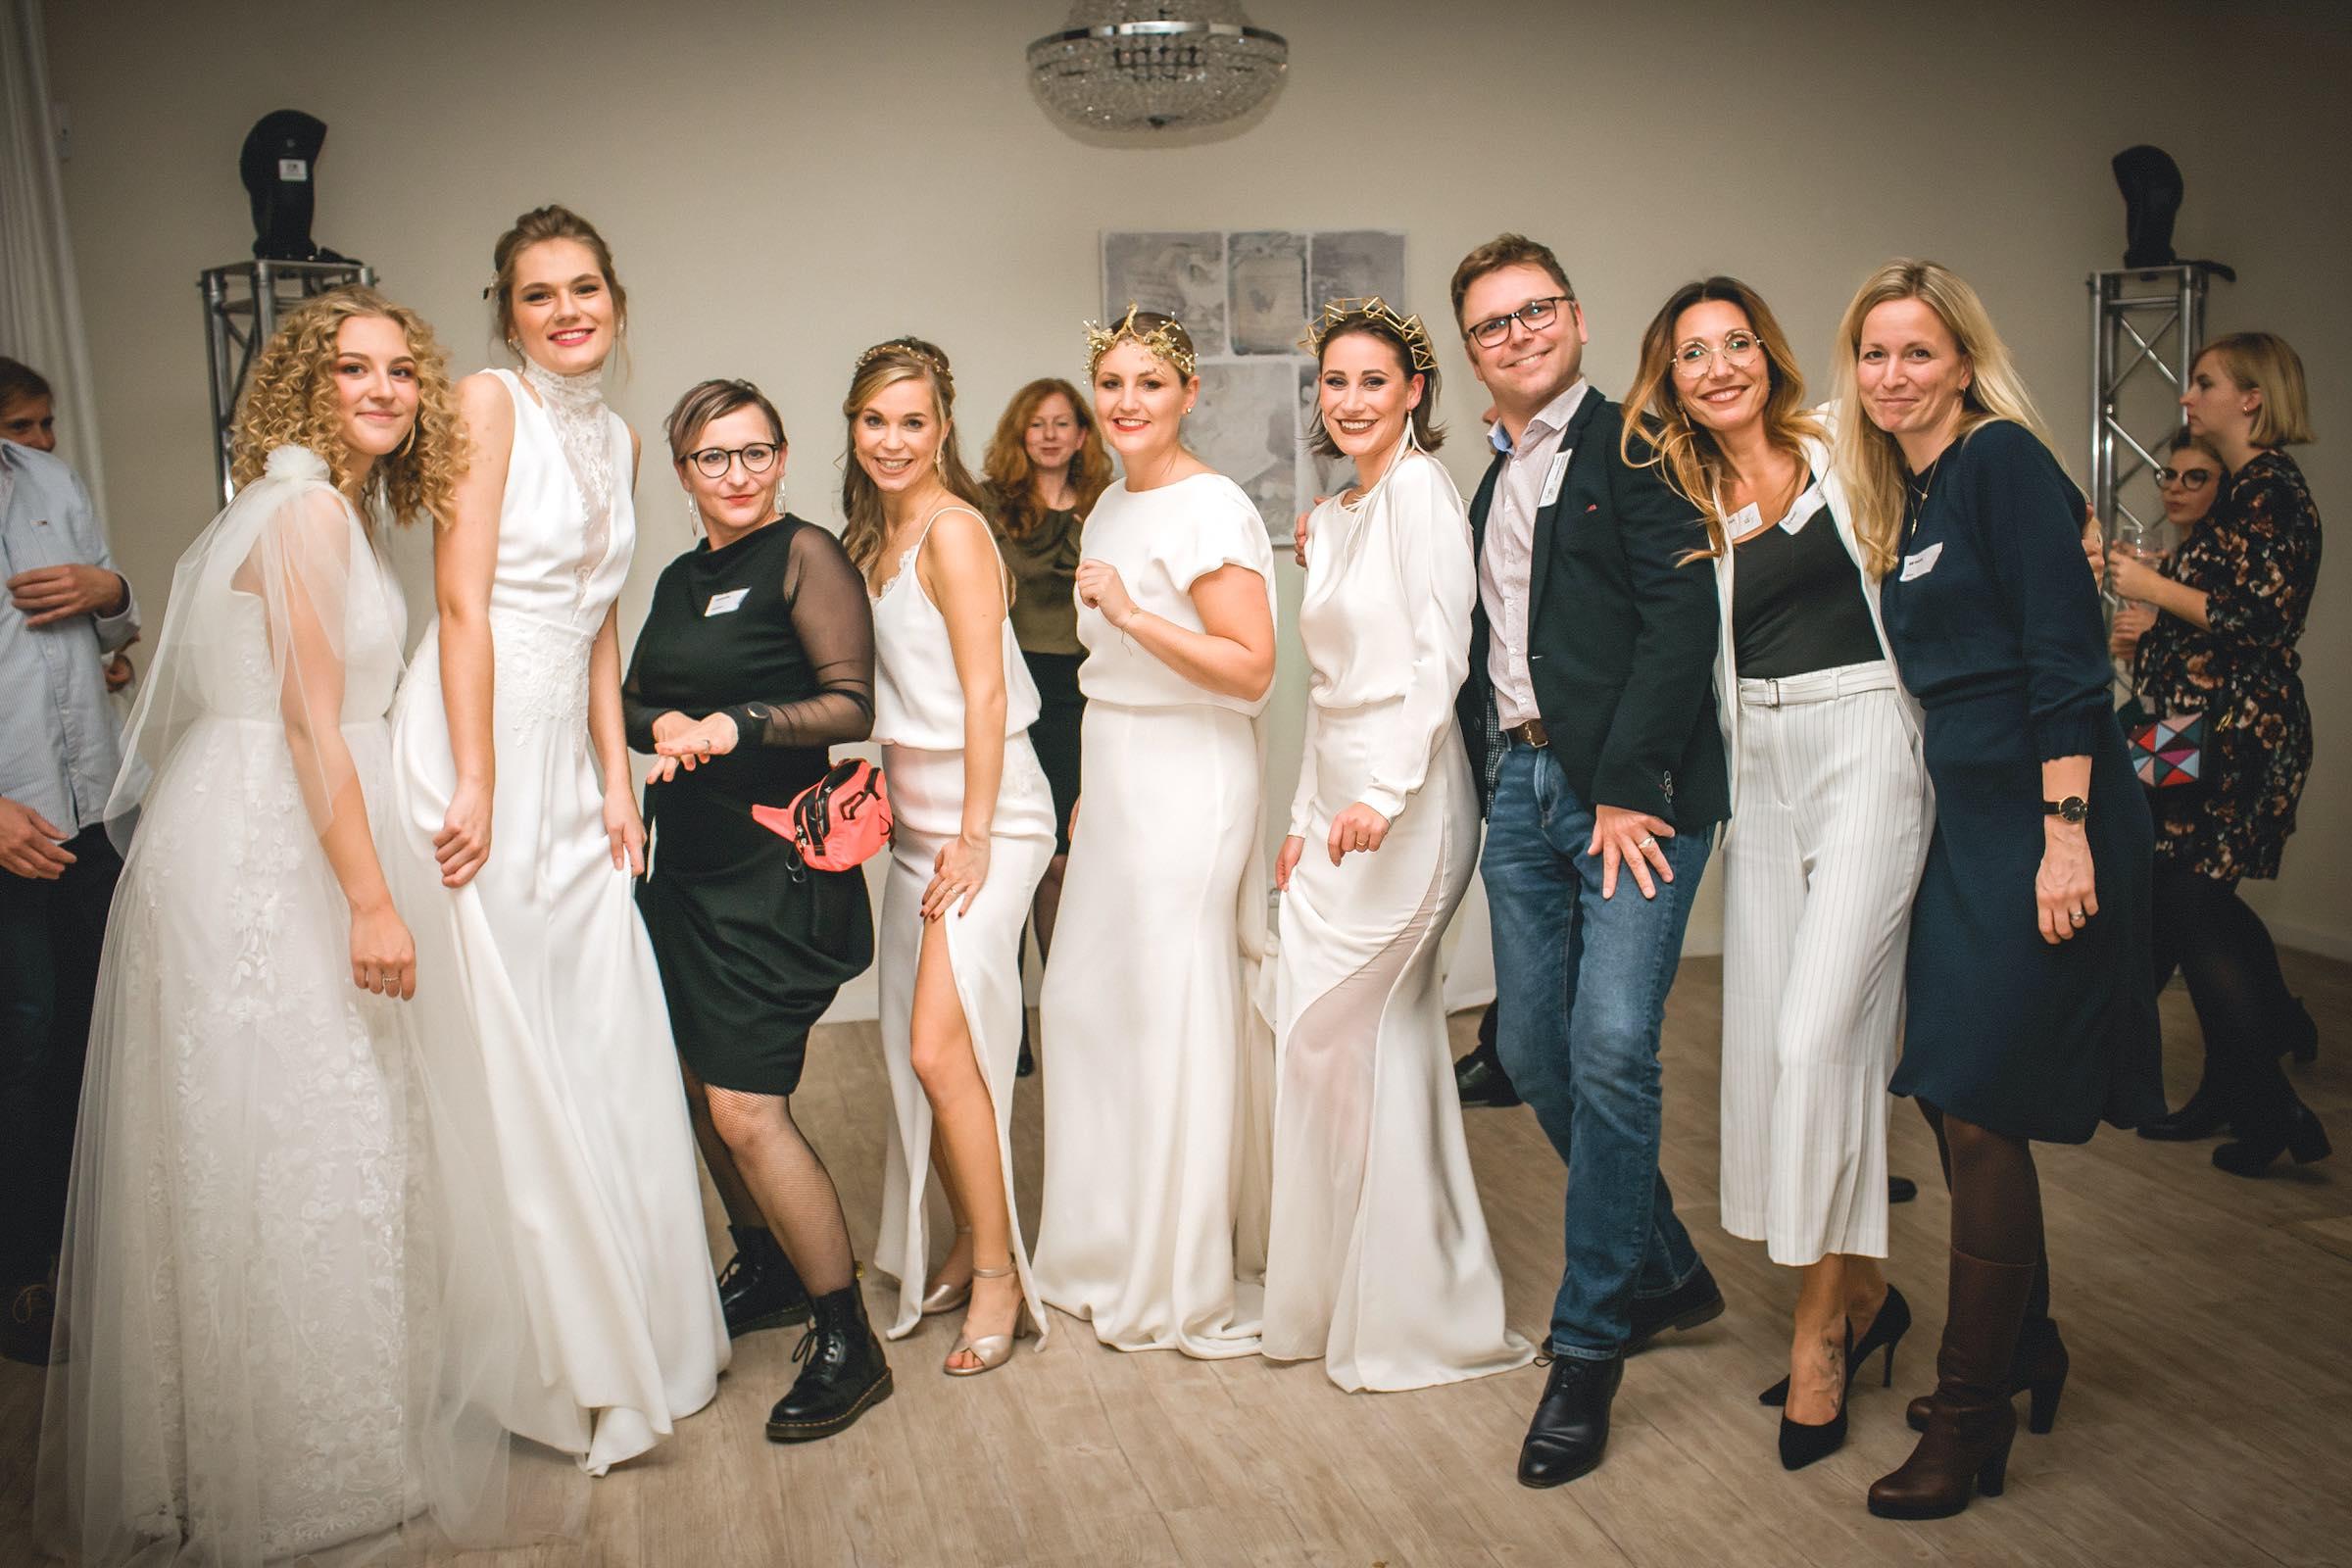 Häserhof | Reddestorf | Location | Referenz | DJ | Fotobox | Fotograf | Hochzeitsplaner | Envetplaner | Raumbeleuchtung | Hochzeit | Mieten | Buchen | Lehmann | Eventservice